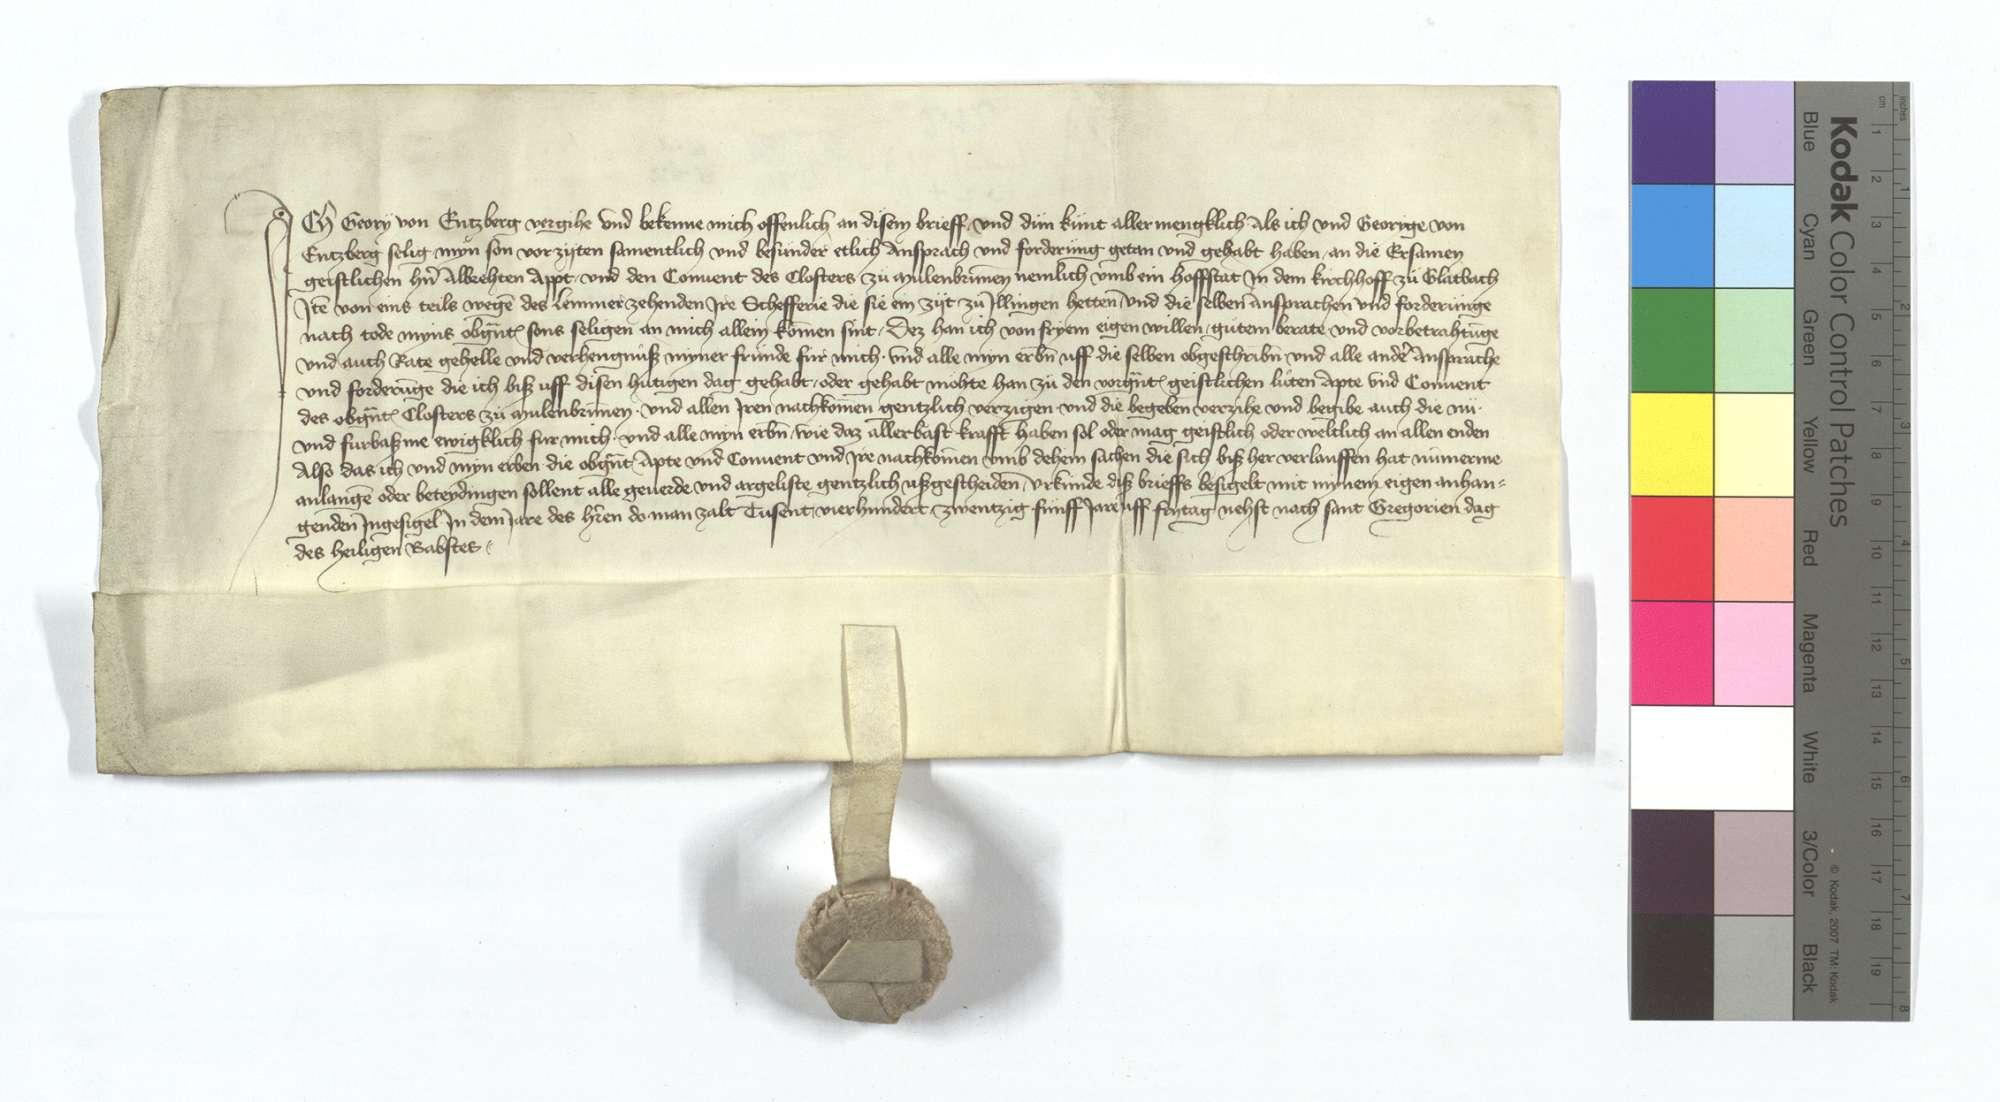 Georg von Enzberg verzichtet auf seine Anforderung, die er an das Kloster Maulbronn wegen einer Hofstatt in dem Kirchhof in Glattbach und eines Teils des Lämmerzehnten in Illingen gehabt hat., Text